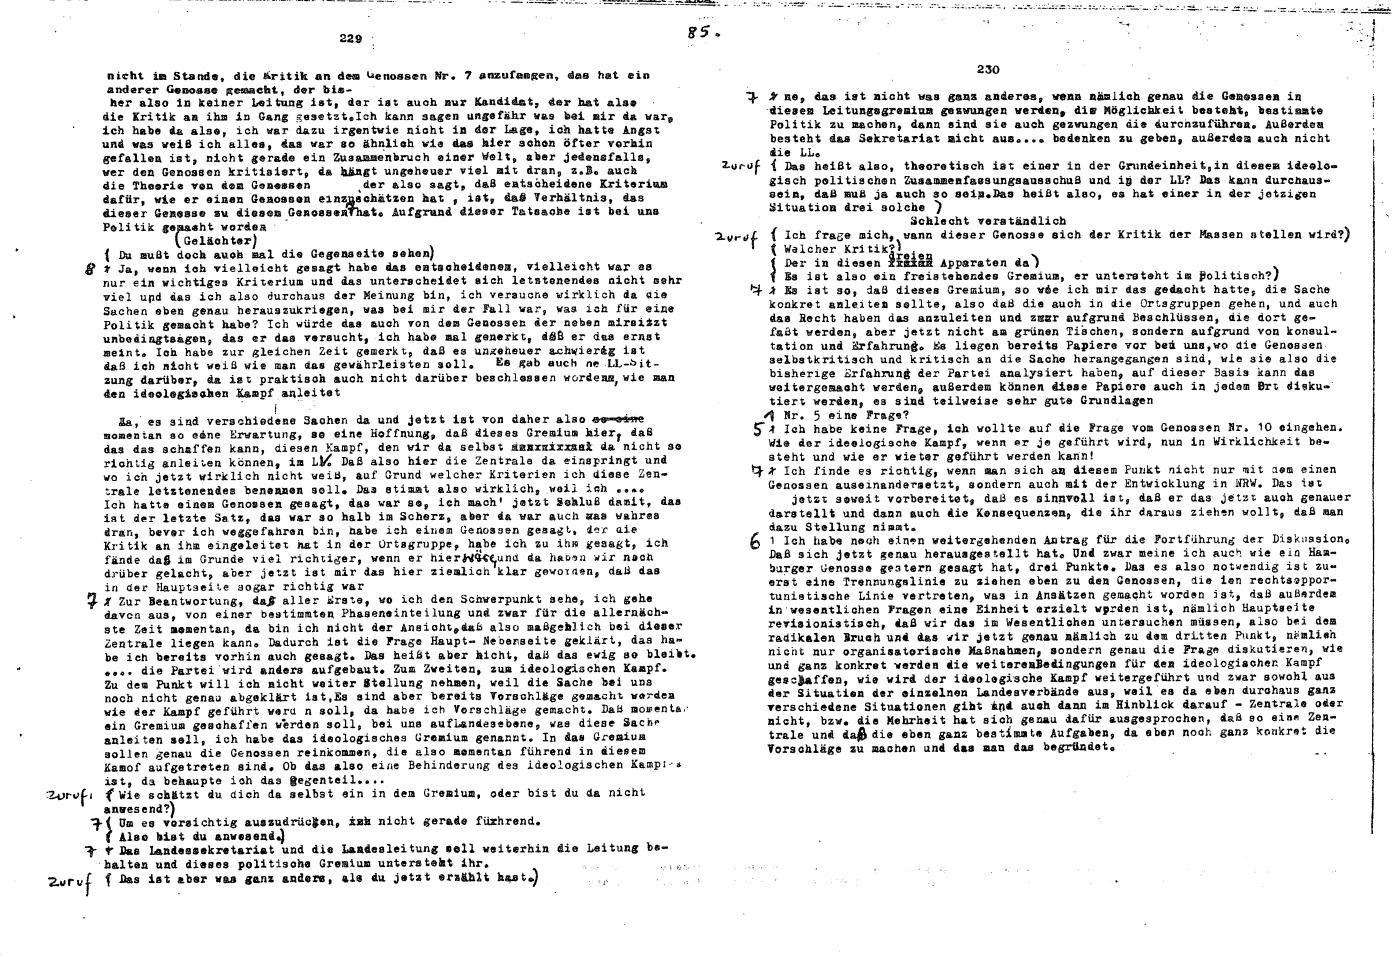 KPDML_1971_Wortprotokolle_aoPt_073